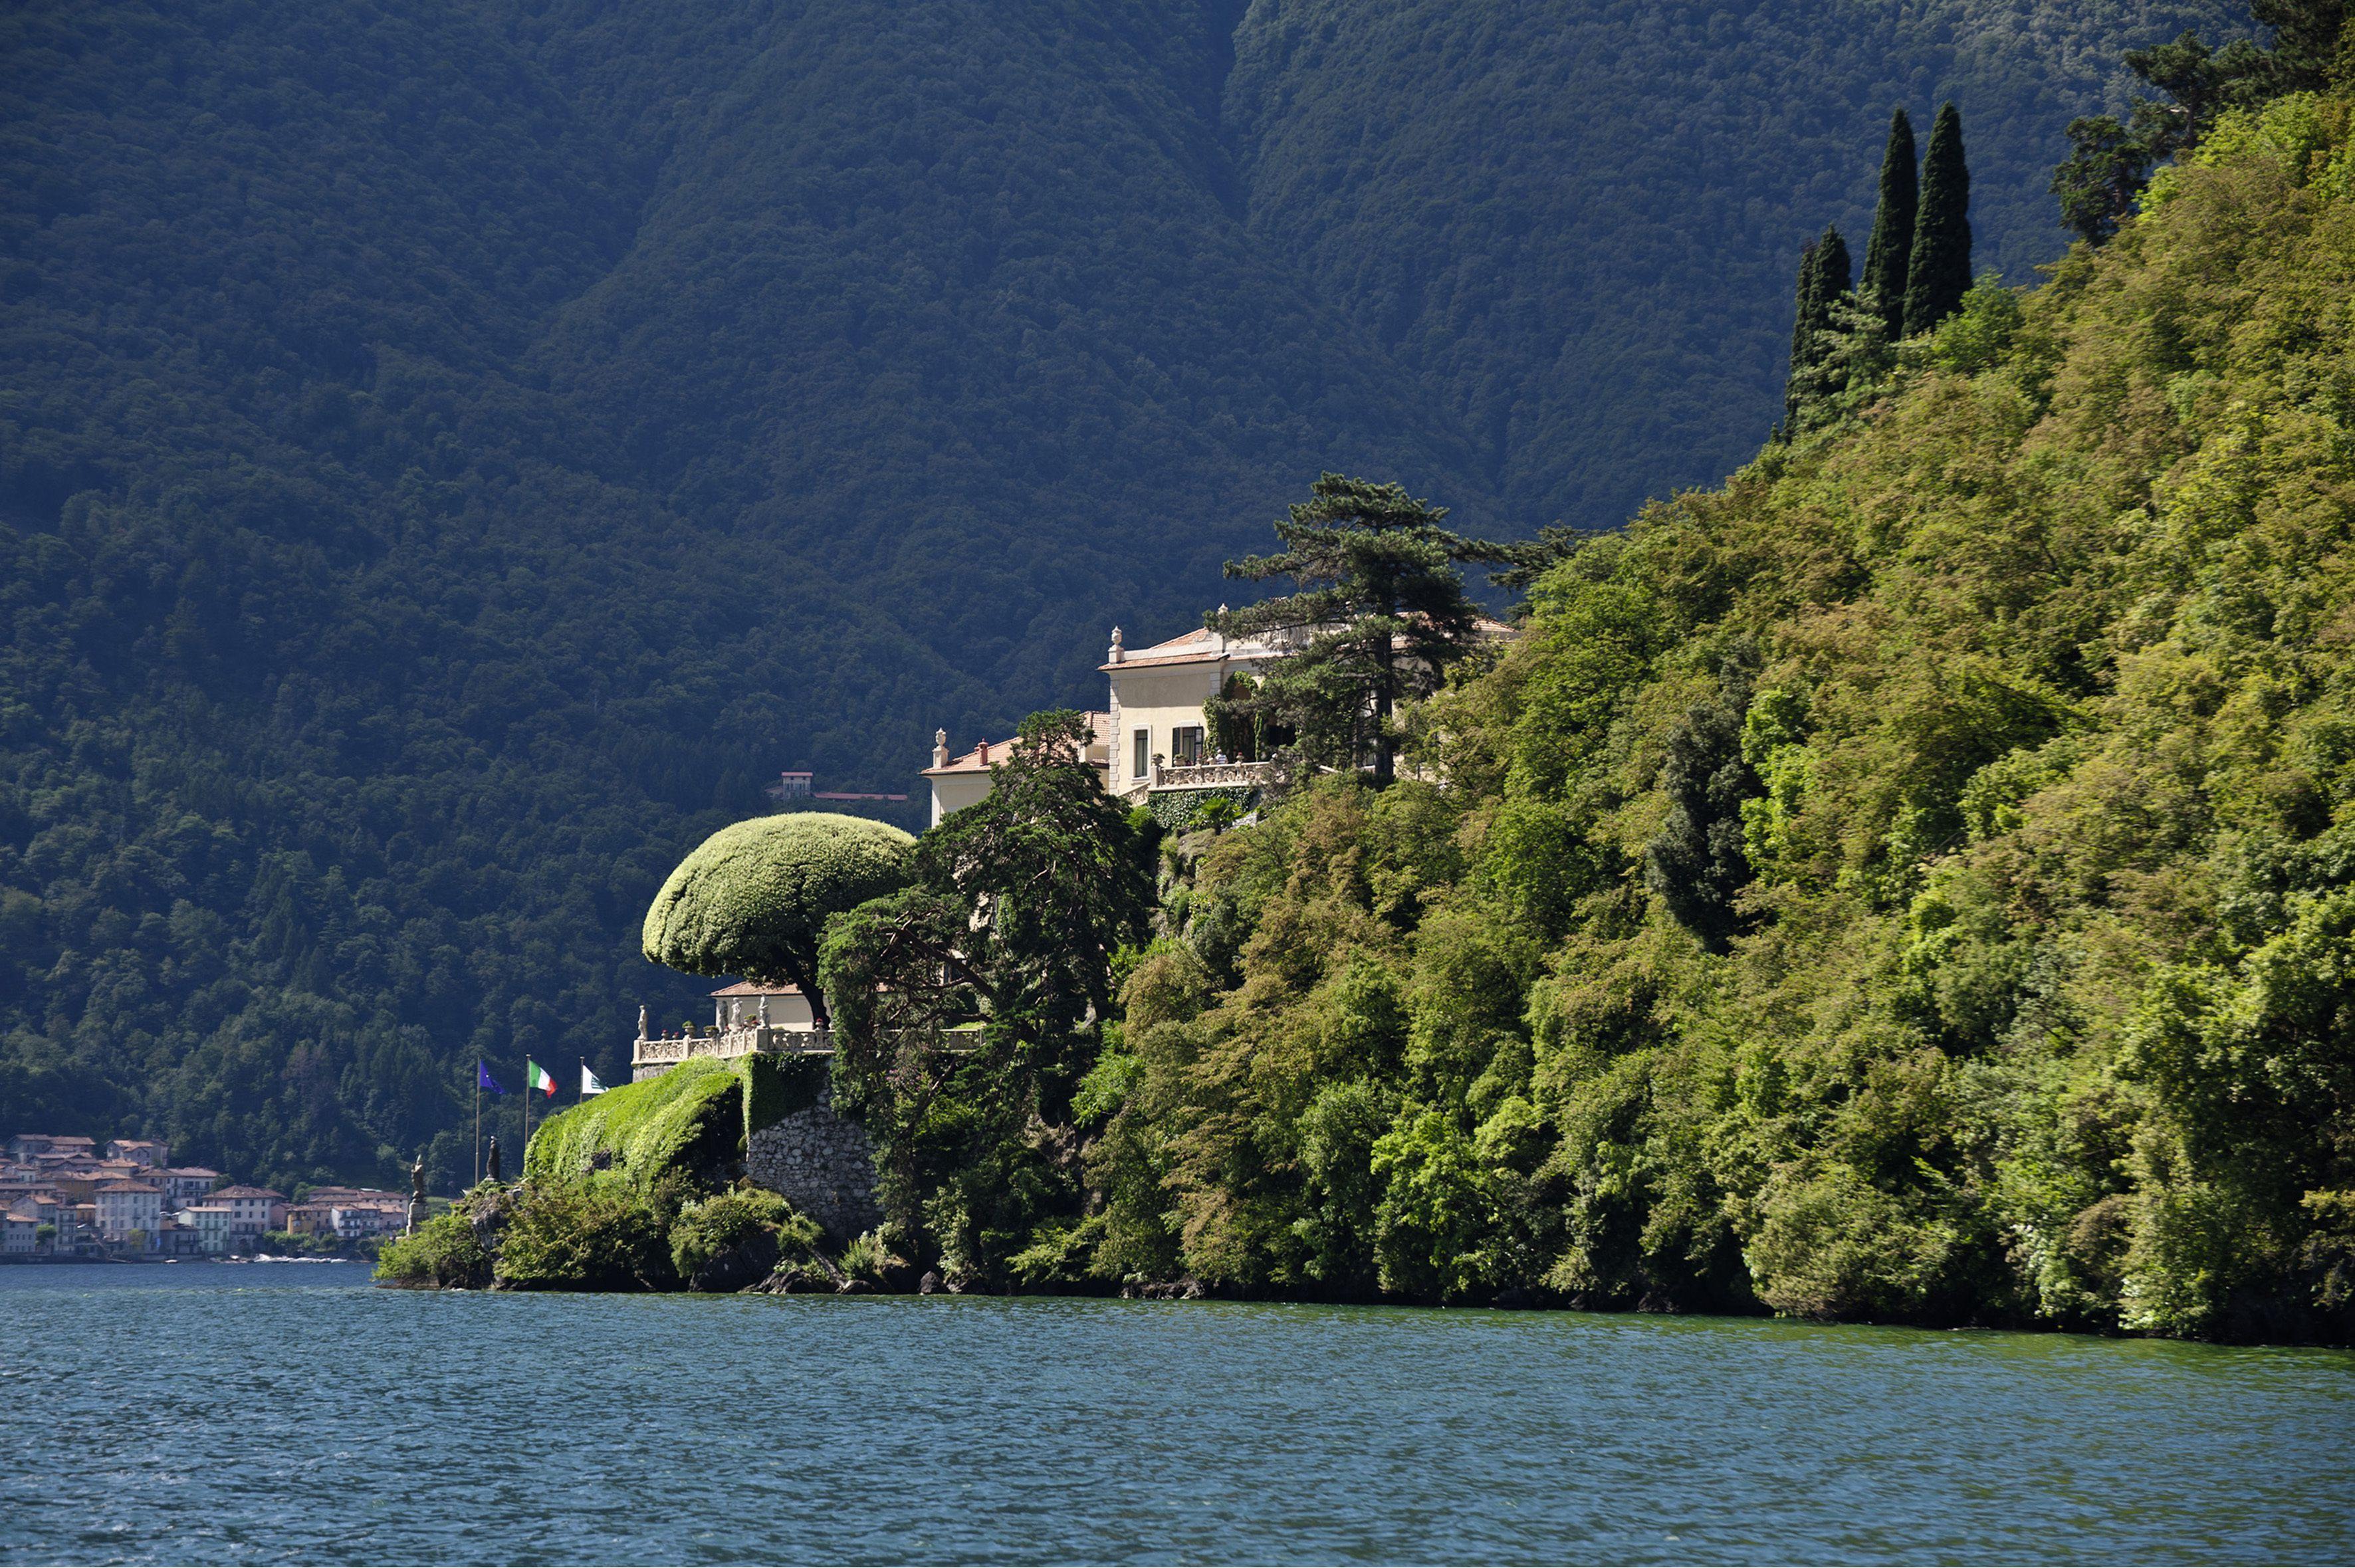 House on steep hill, Villa Del Balbianello In Lenno at Lake Como